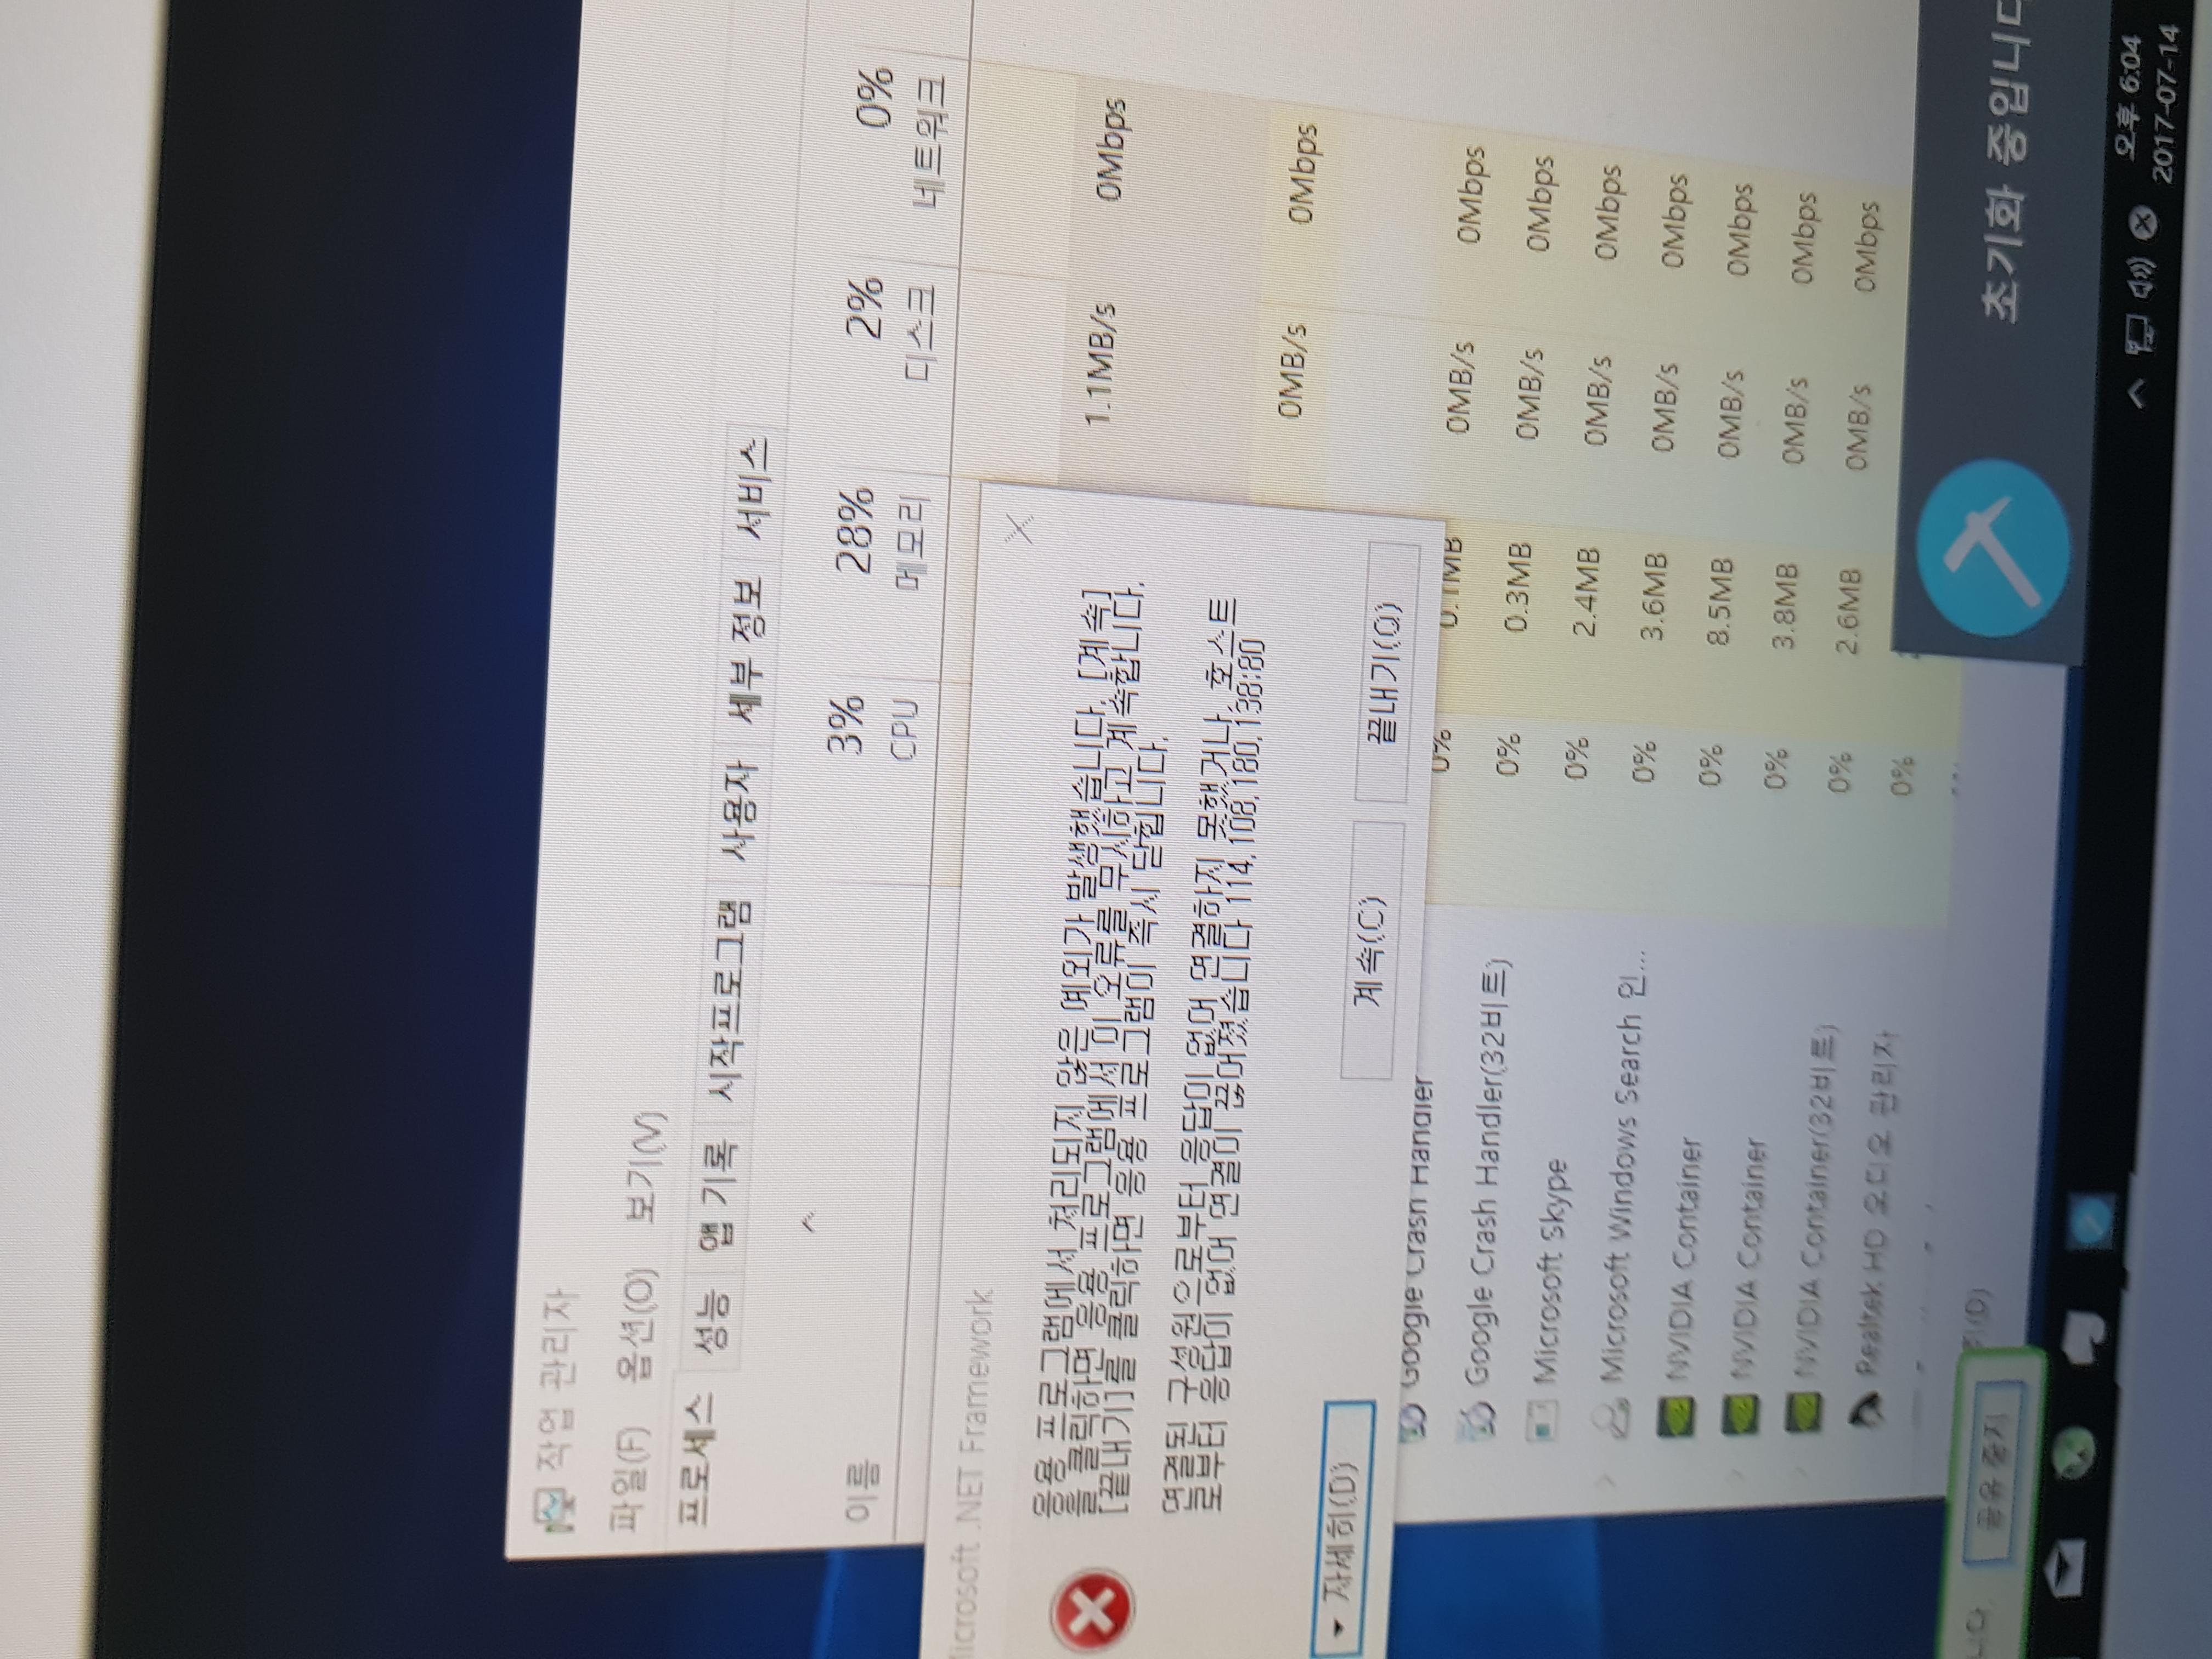 70d4480ad03da20d115272f2f50b7ebd.jpg